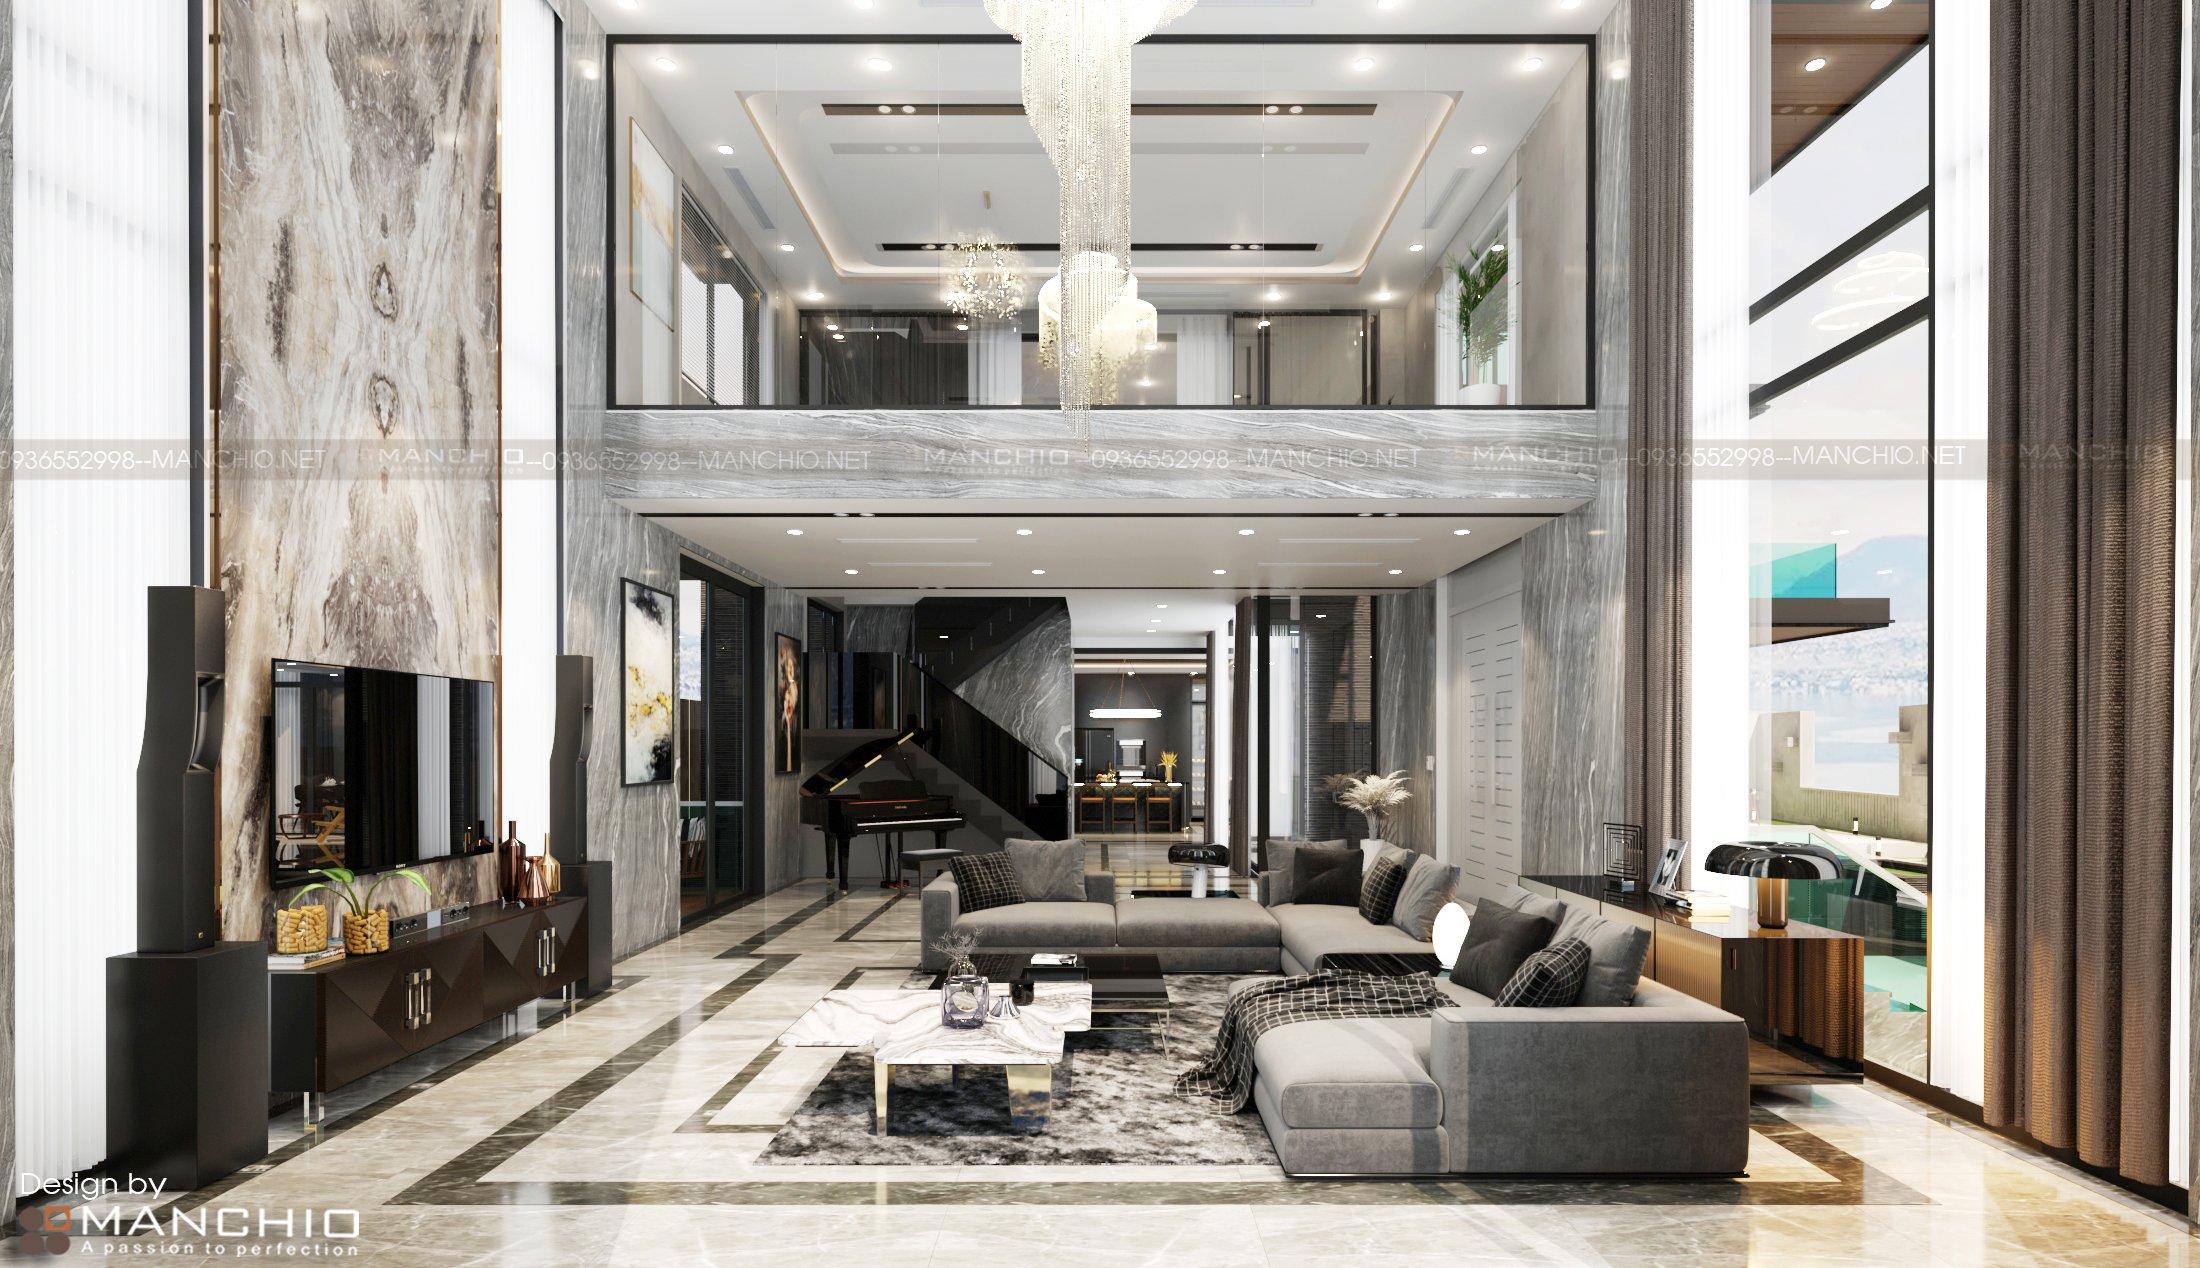 Thiết kế nội thất biệt thự cao cấp